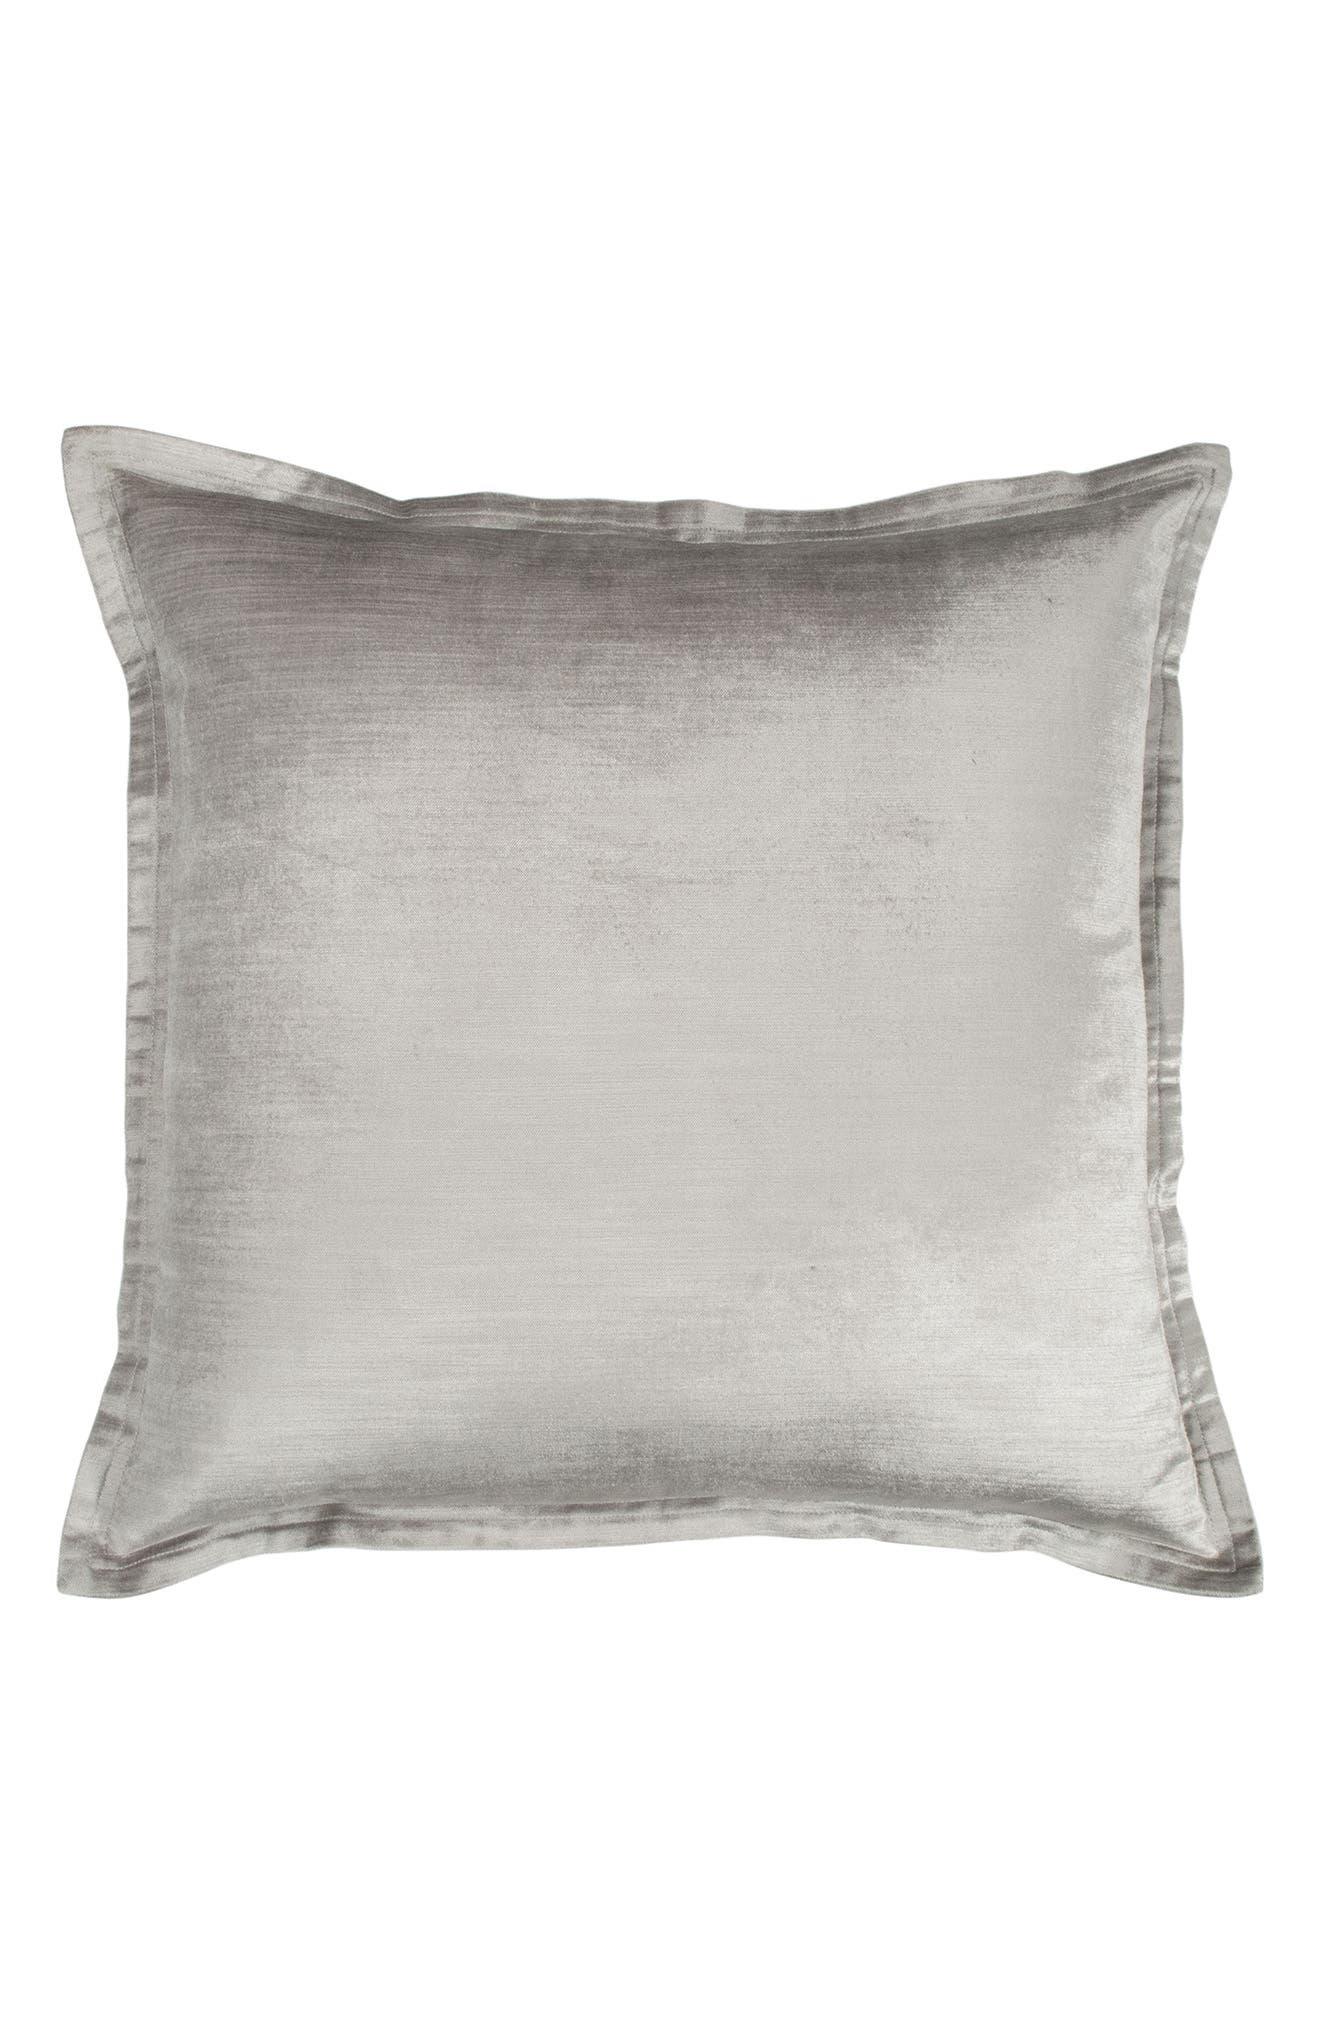 DONNA KARAN NEW YORK Collection Velvet Accent Pillow, Main, color, SILVER